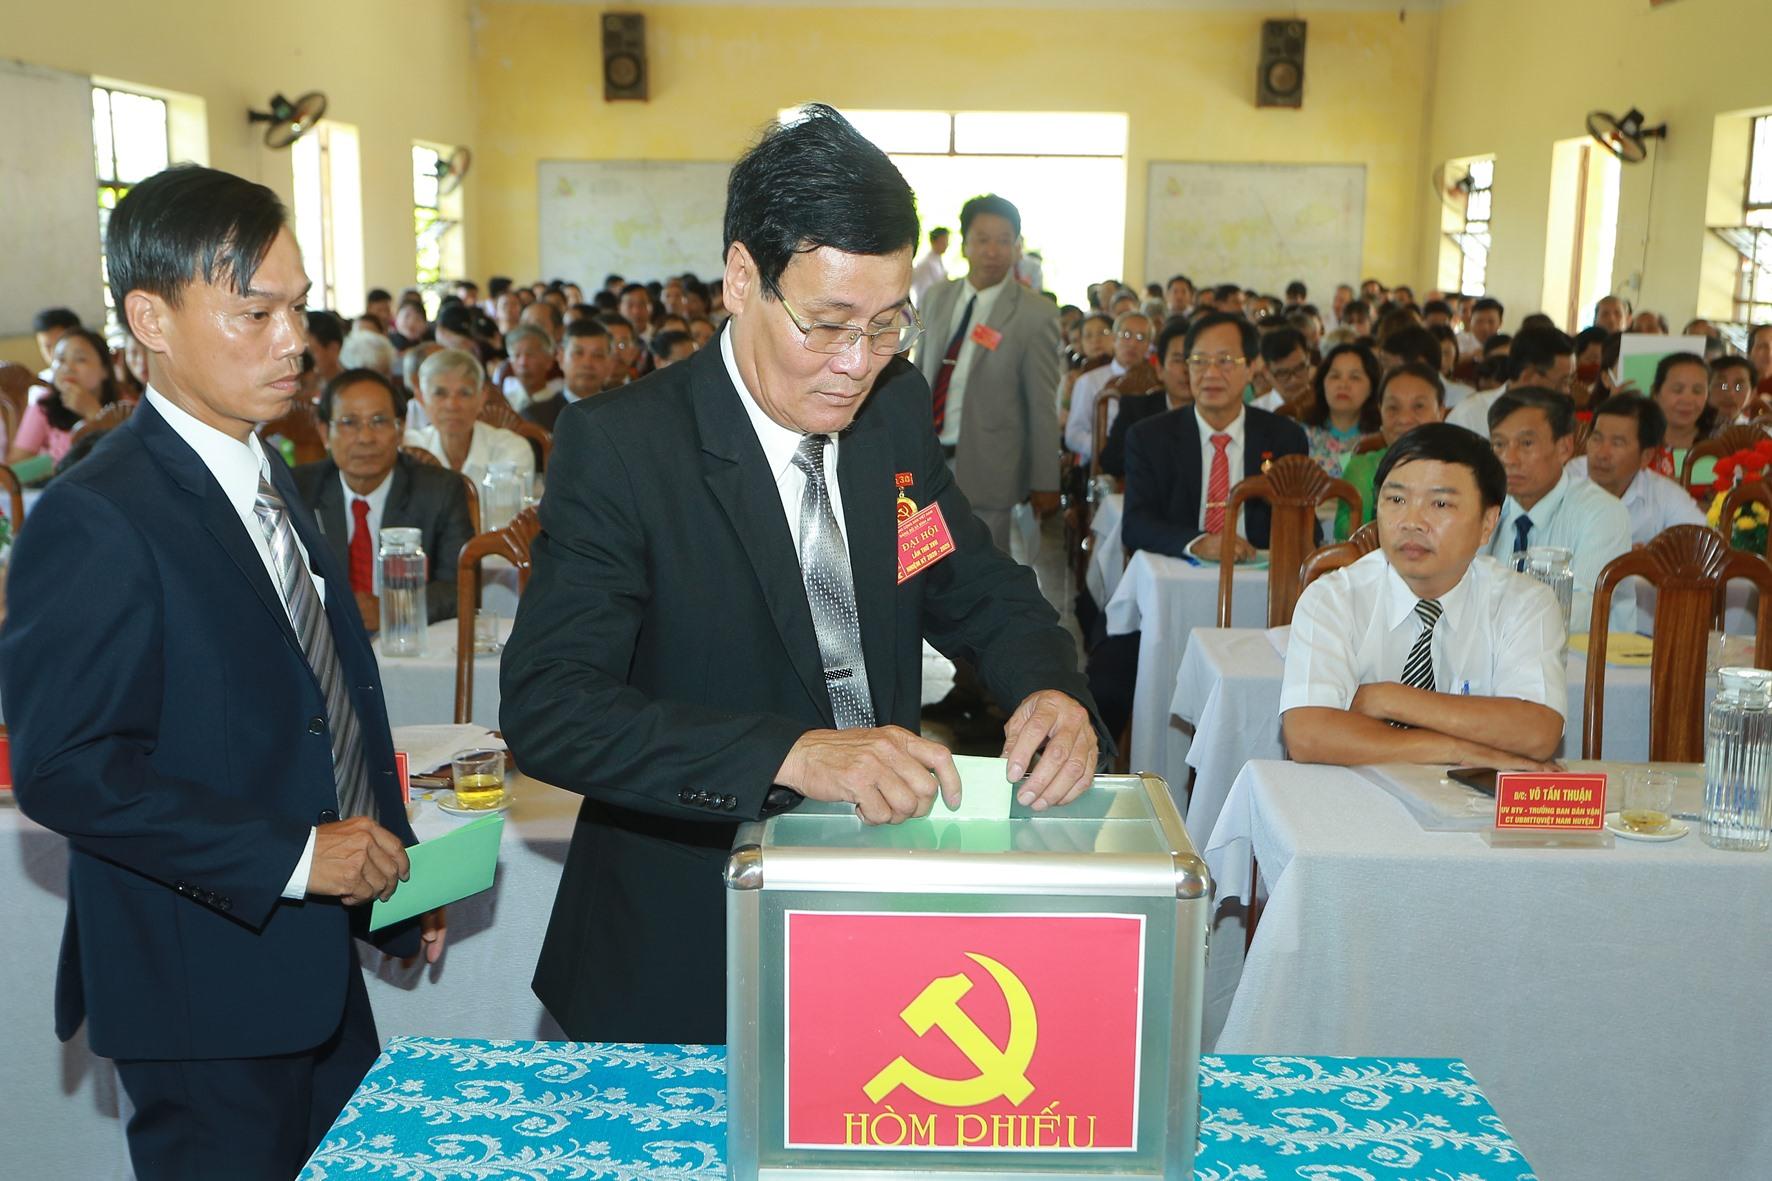 Đại biểu bỏ phiếu bầu Ban chấp hành Đảng bộ xã nhiệm kỳ 2020-2025.